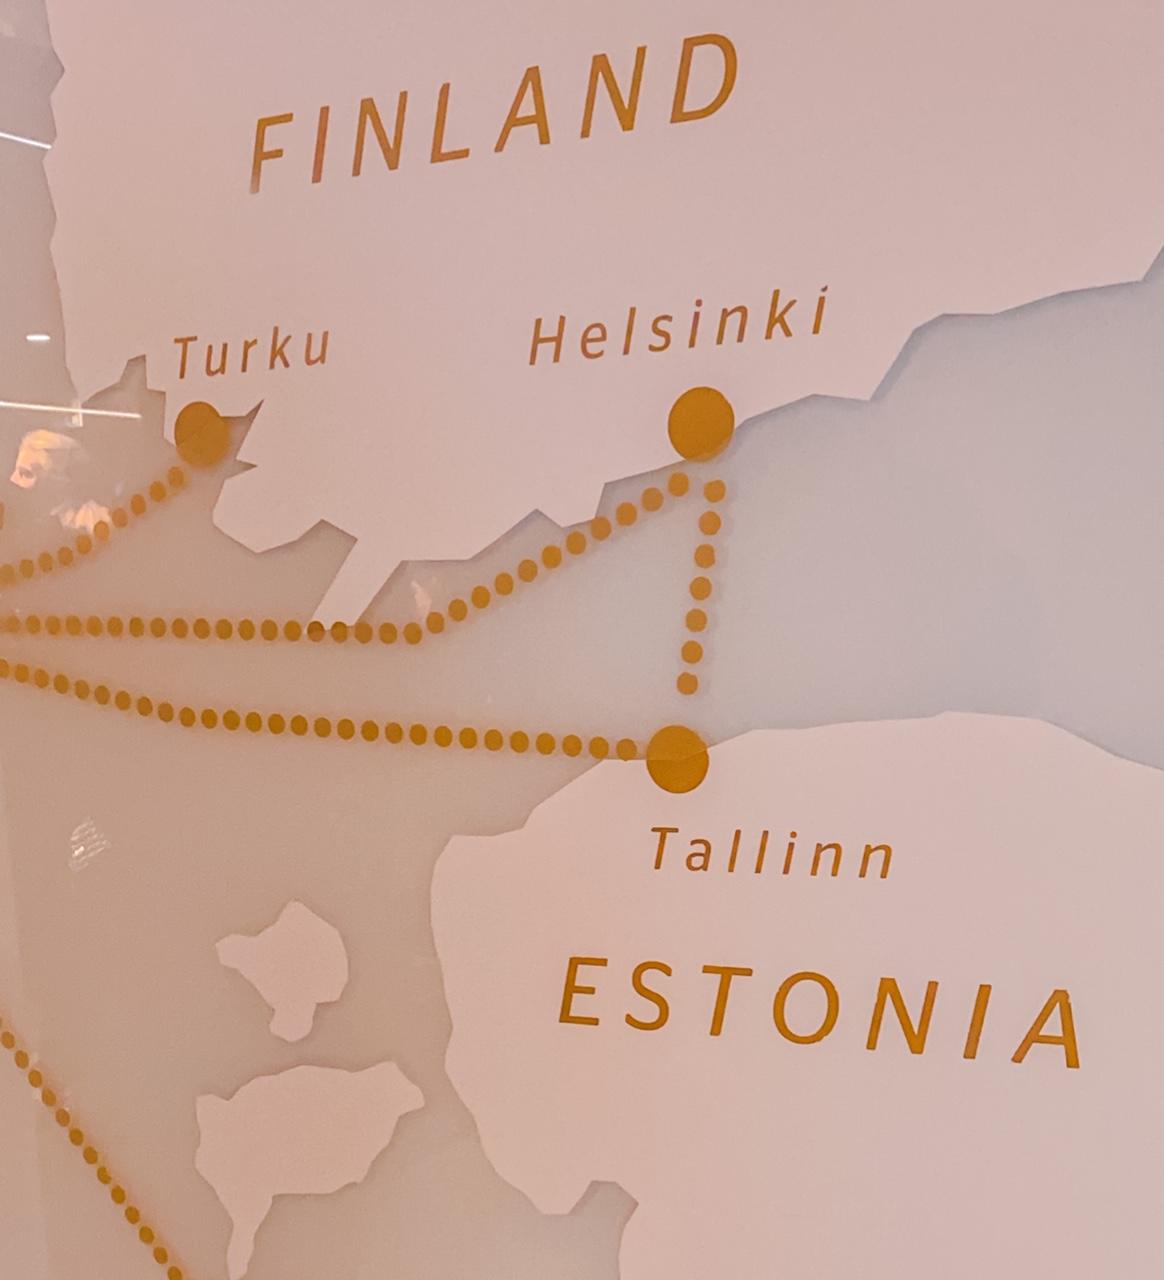 Traghetti Helsinki tallinn